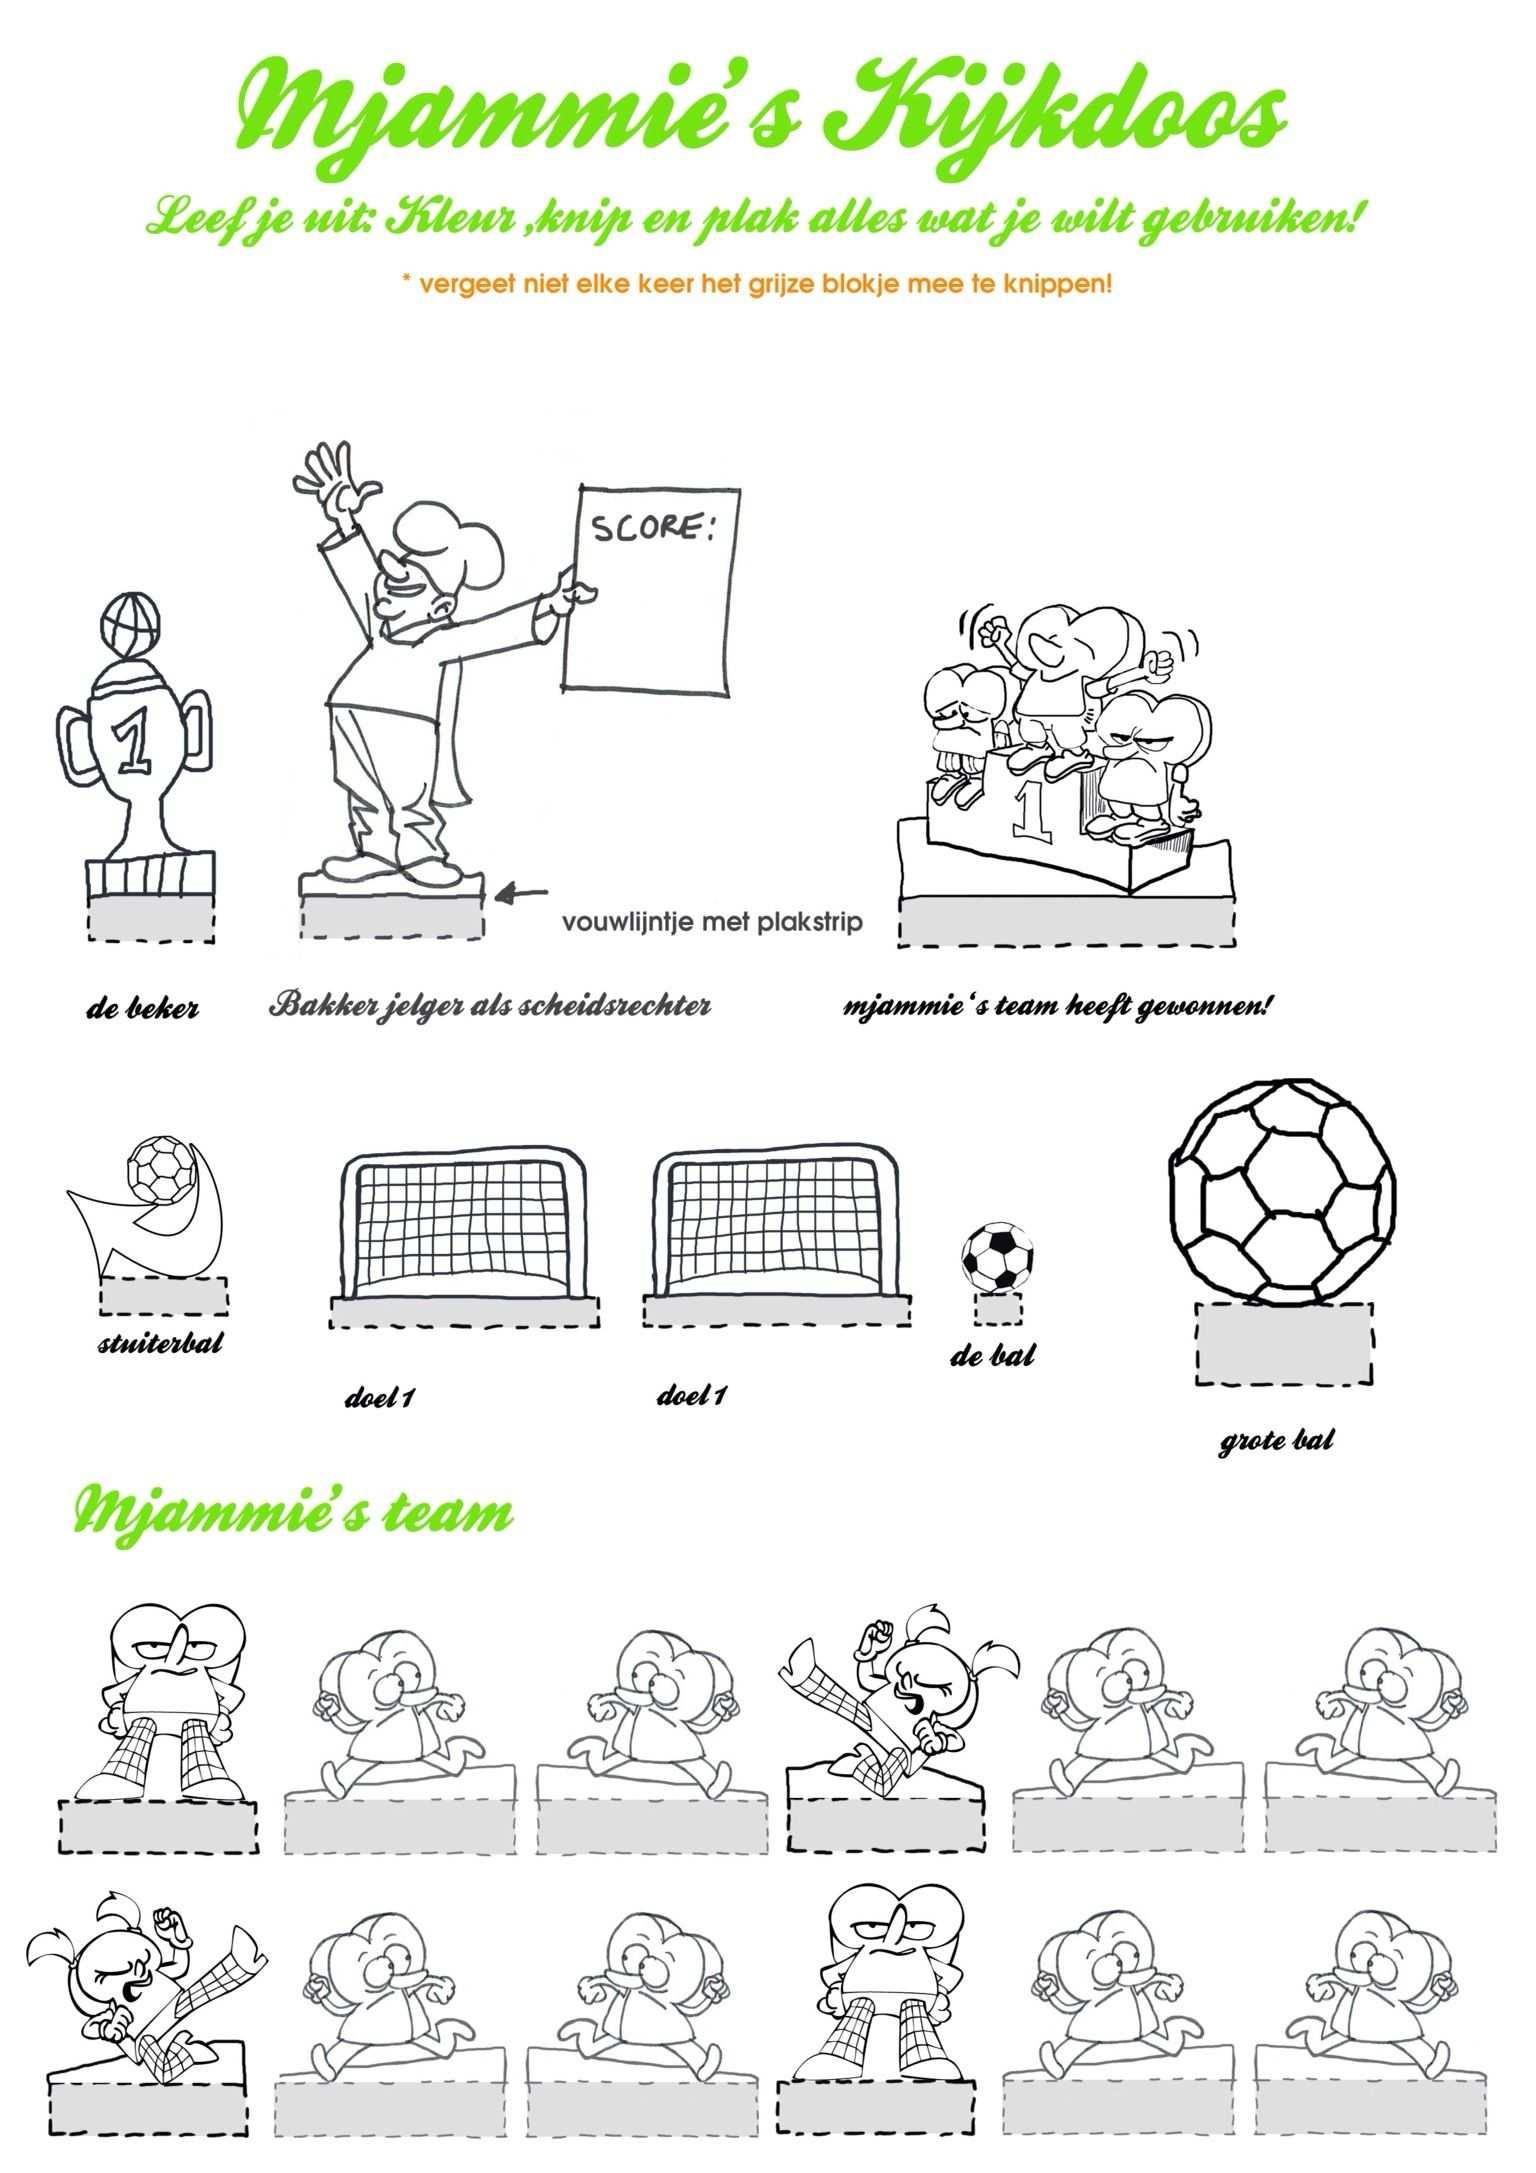 Voetbal Voetbal Sport Voetballers